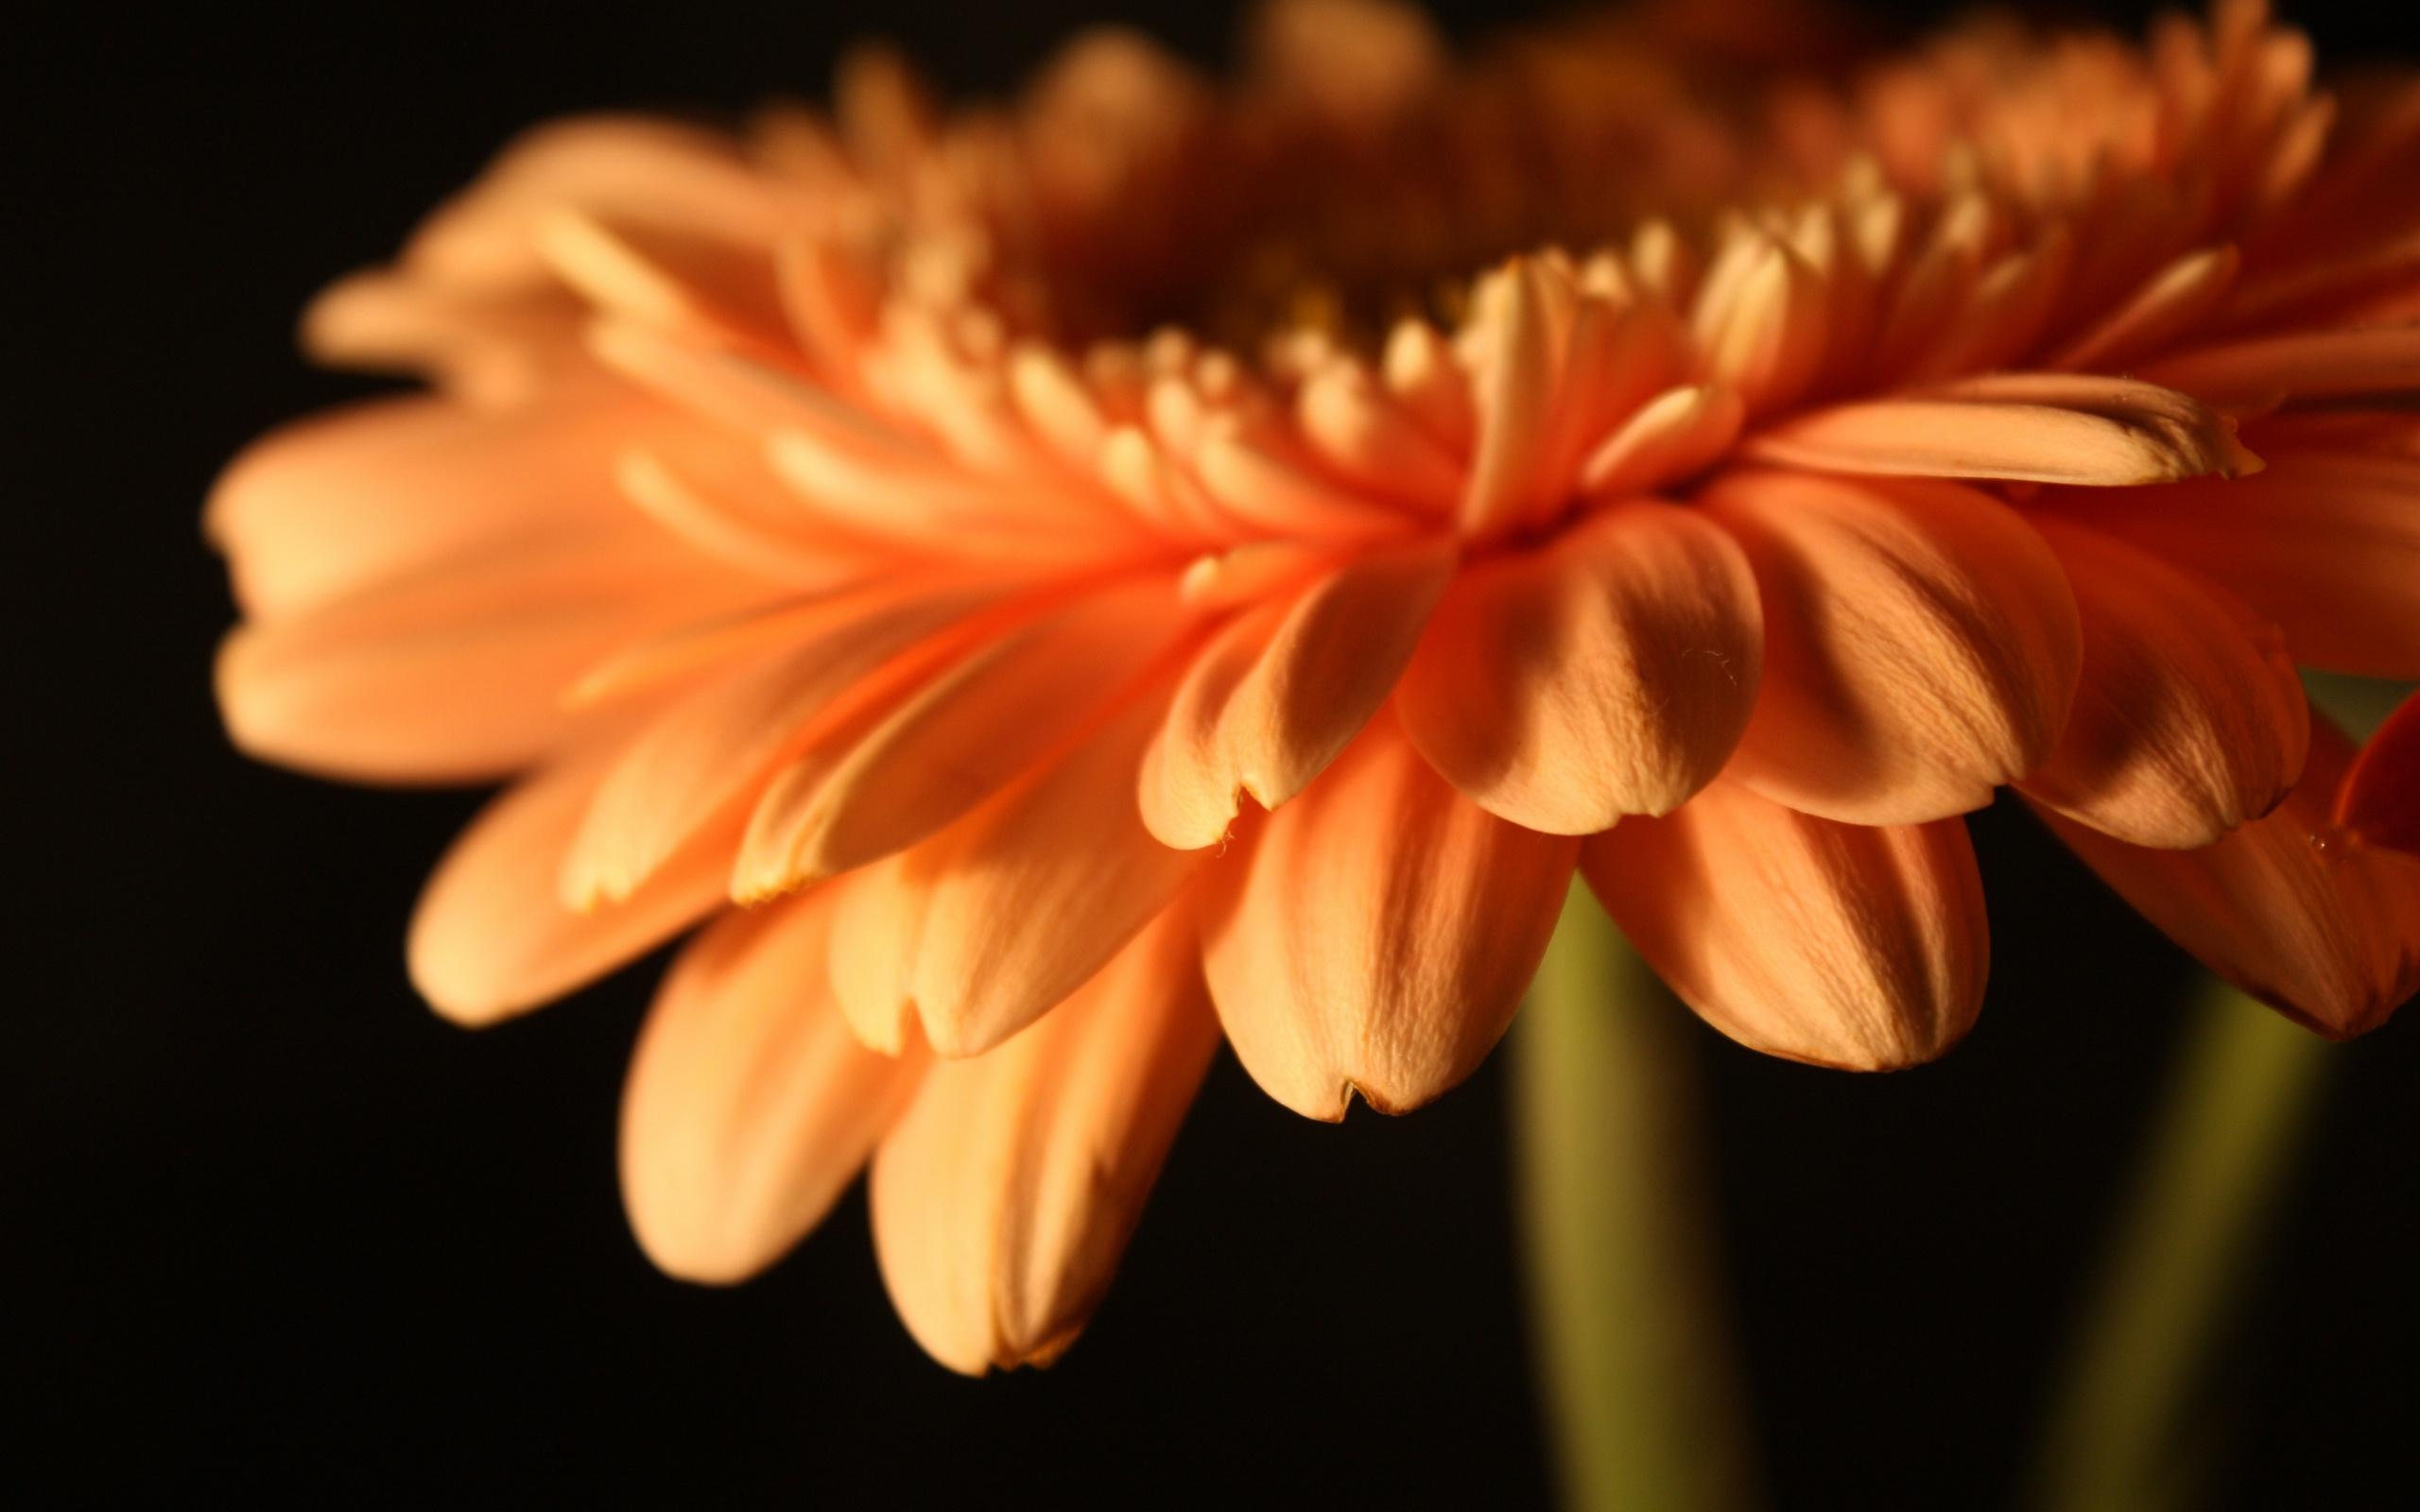 только картинки цветочки в отличном качестве вам приобрести чистокровных